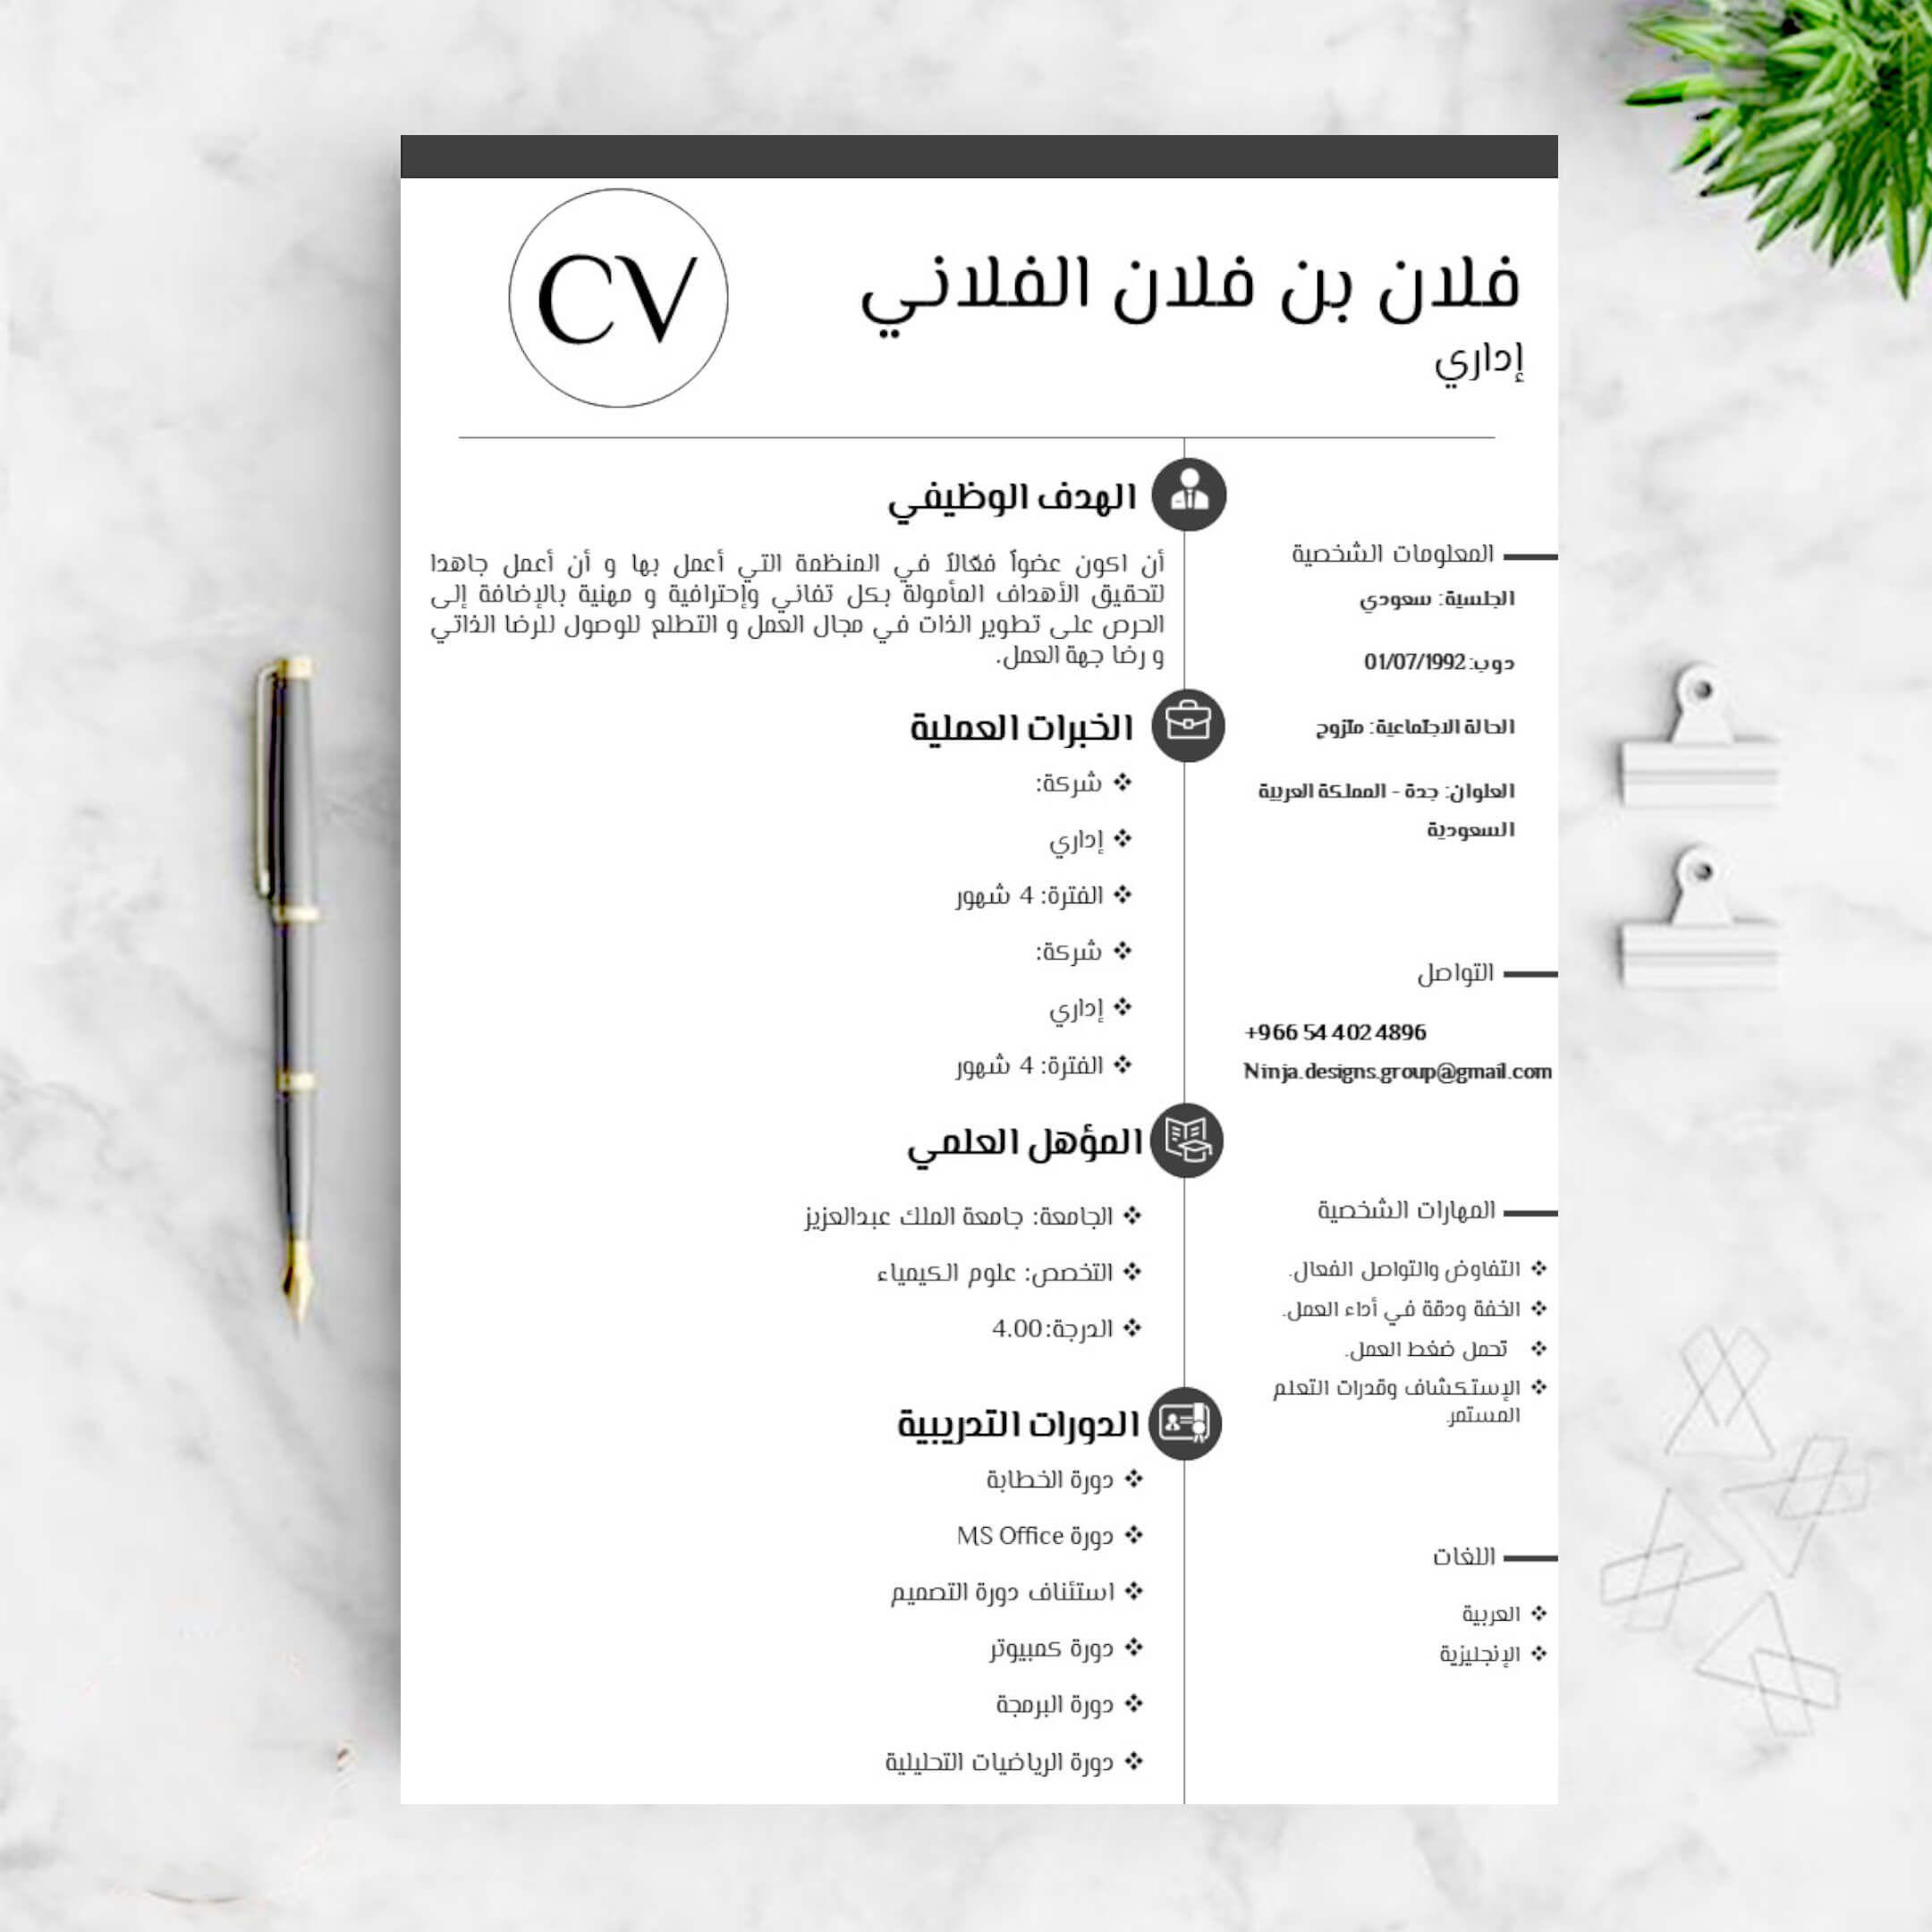 هل تبحث عن سيرة ذاتية إحترافية وعصرية تساعدك في الحصول على الوظيفة المناسبة تصميم و صياغة سير ذاتية إحترافية بالعربية وا In 2021 Cv Design Design Spiderman Birthday